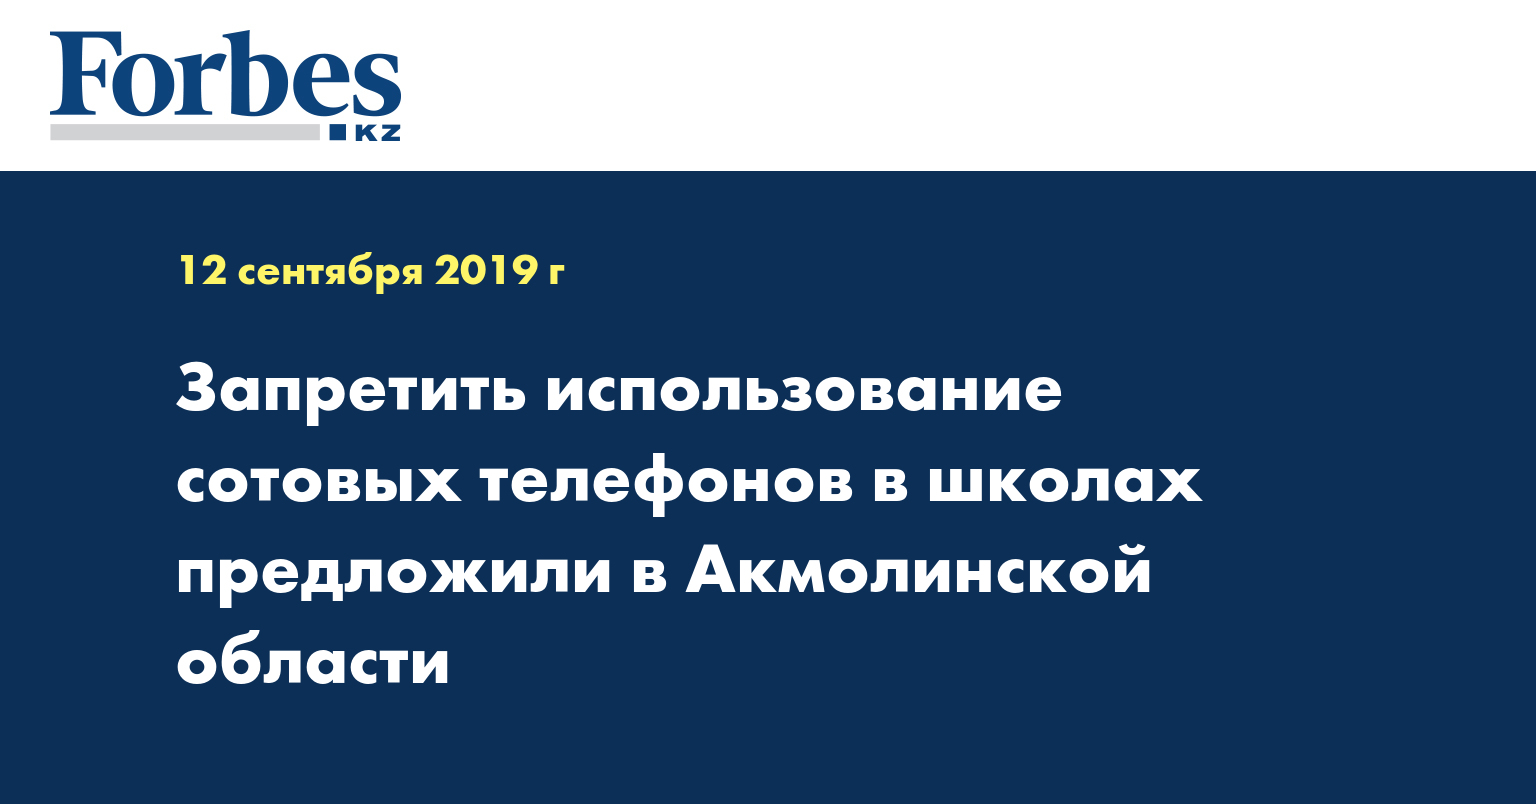 Запретить использование сотовых телефонов в школах предложили в Акмолинской области